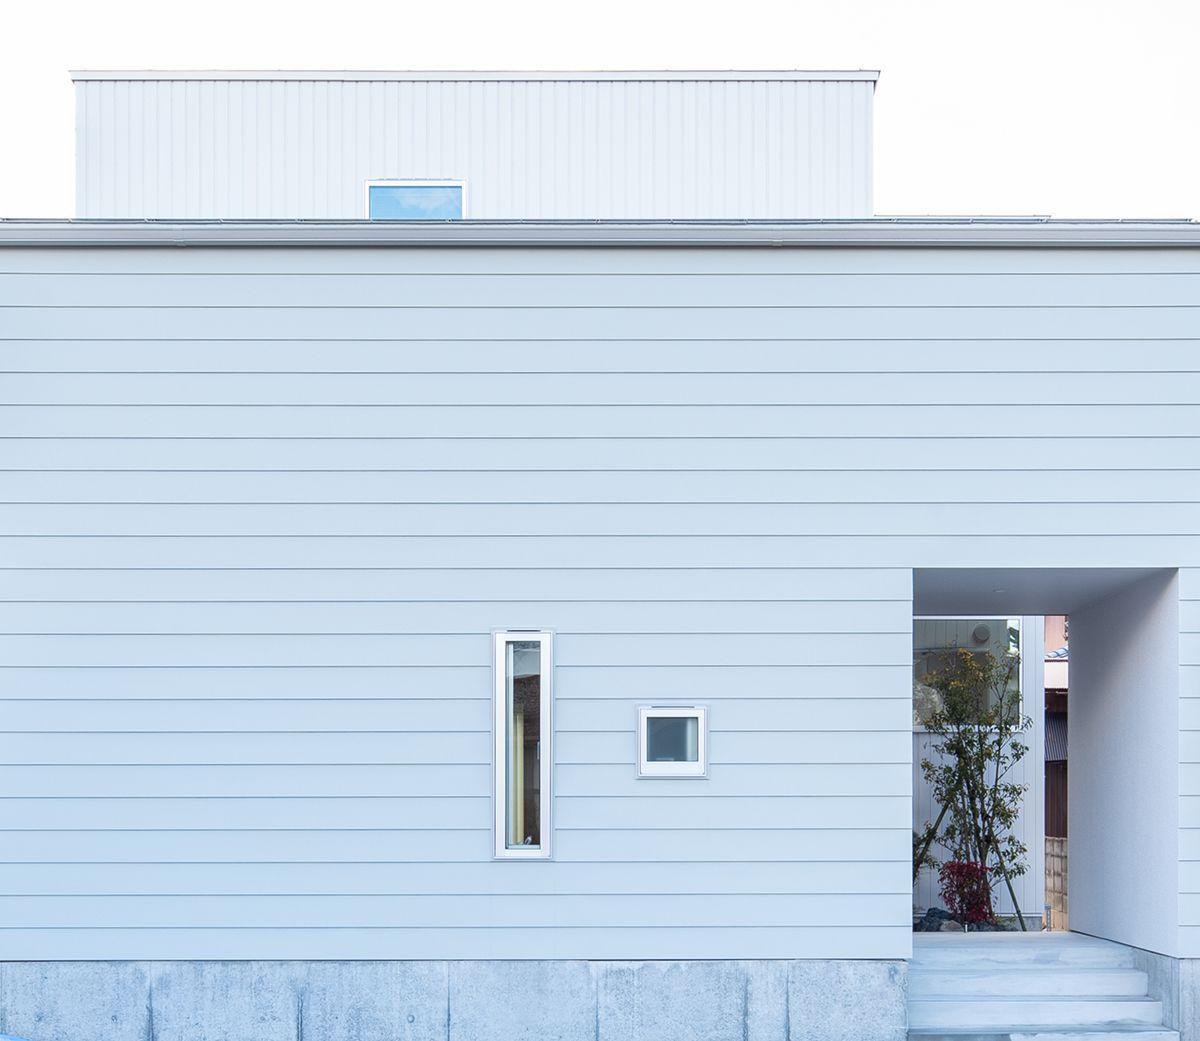 株式会社あかがわ建築設計室「静穏の家」のシンプル・ナチュラル・モダンな外観の実例写真